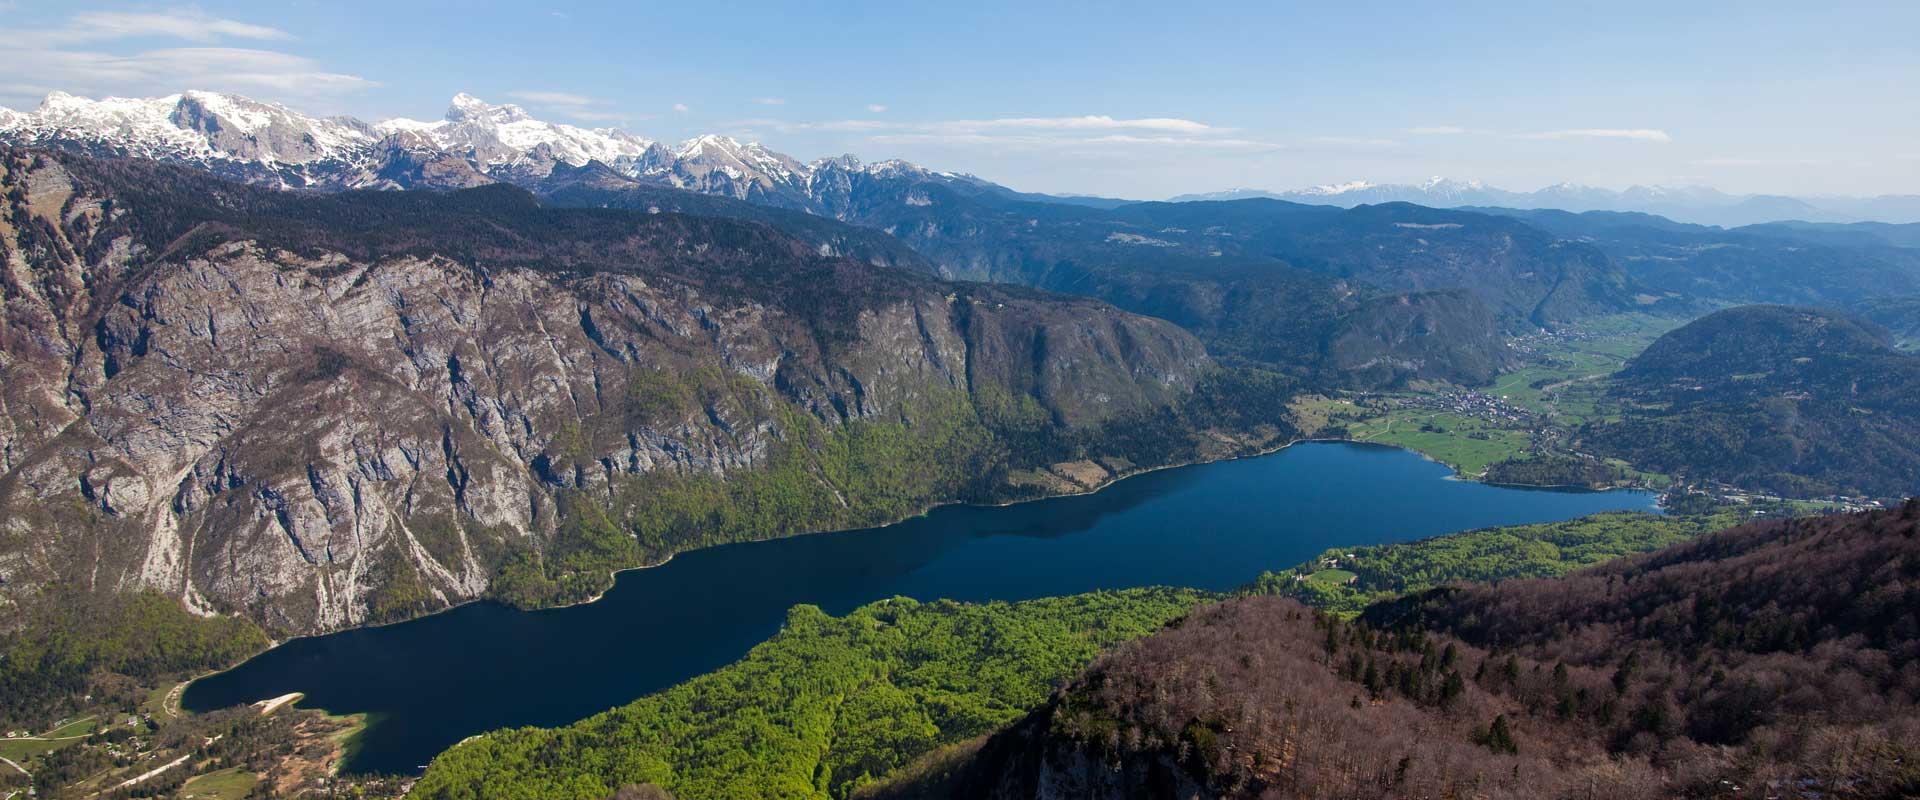 Slovenia Lakes & Valleys